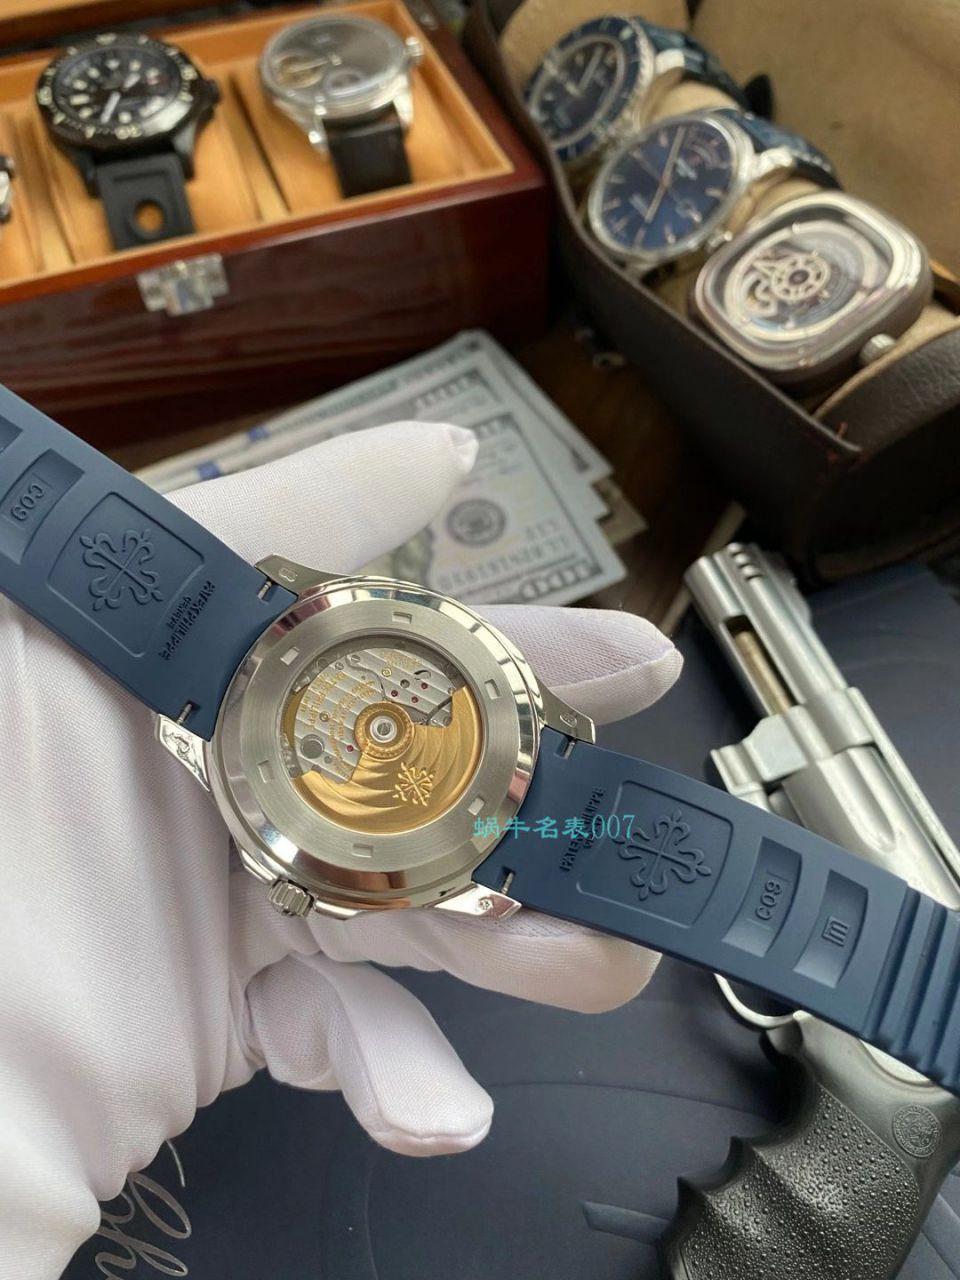 【视频评测】ZF厂百达翡丽AQUANAUT手雷V3版顶级复刻手表5168G-001腕表 / BD333